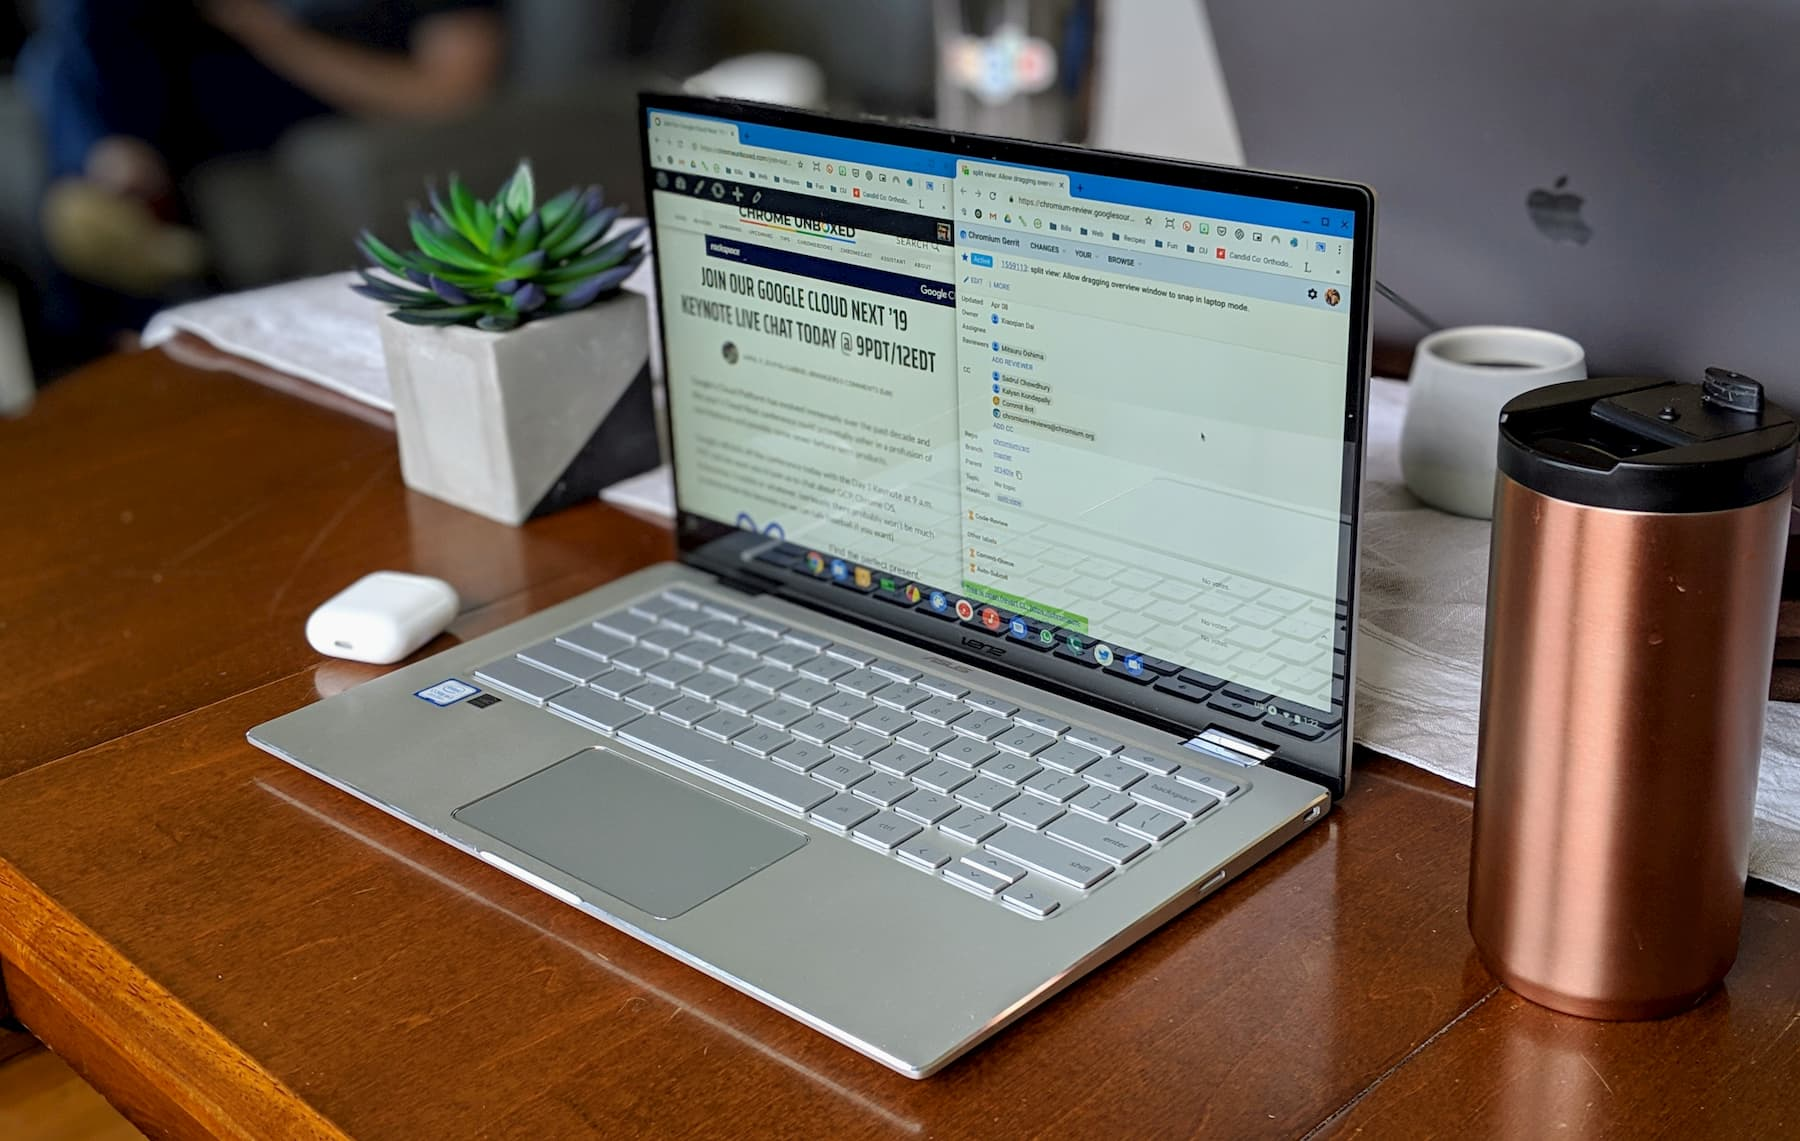 Una nuova entusiasmante funzionalità per i Chromebook